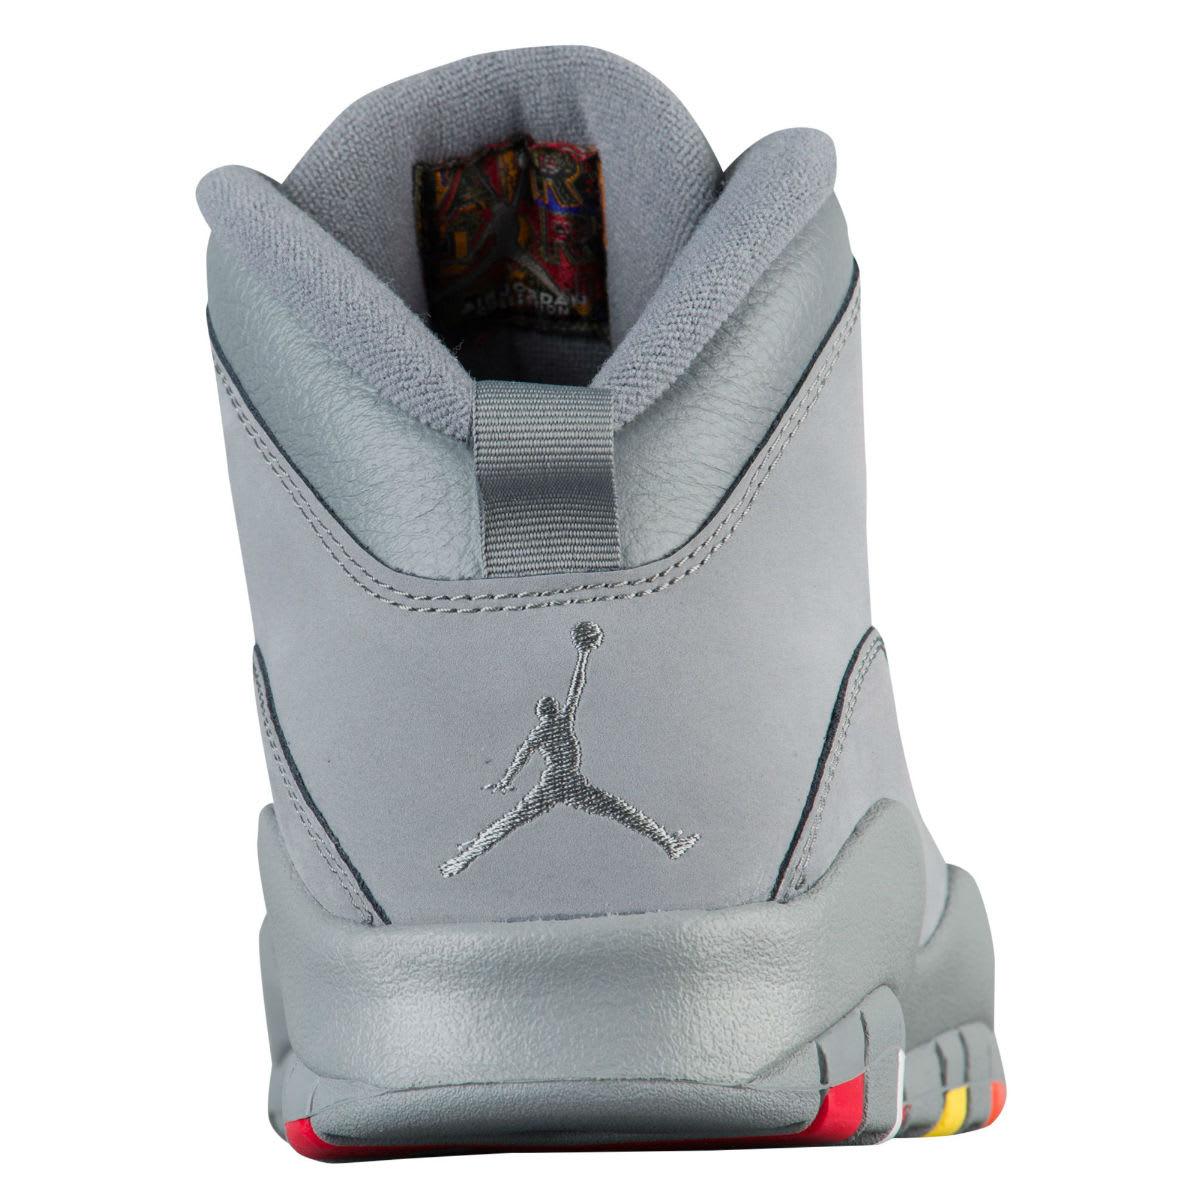 Air Jordan 10 X Cool Grey 2018 Release Date 310805 022